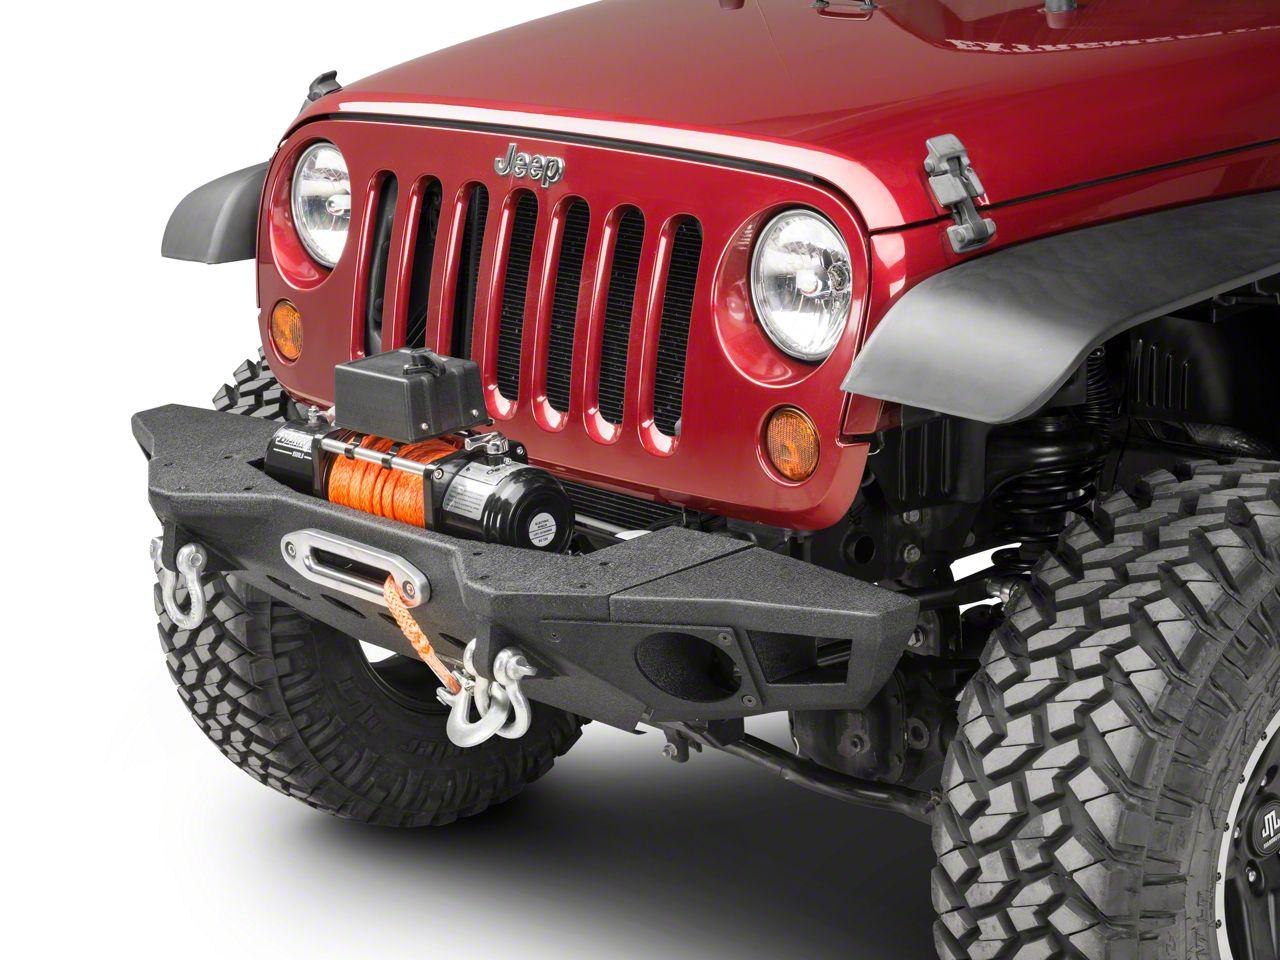 Smittybilt XRC M.O.D. Crawler End Caps - Textured Matte Black (07-18 Jeep Wrangler JK)